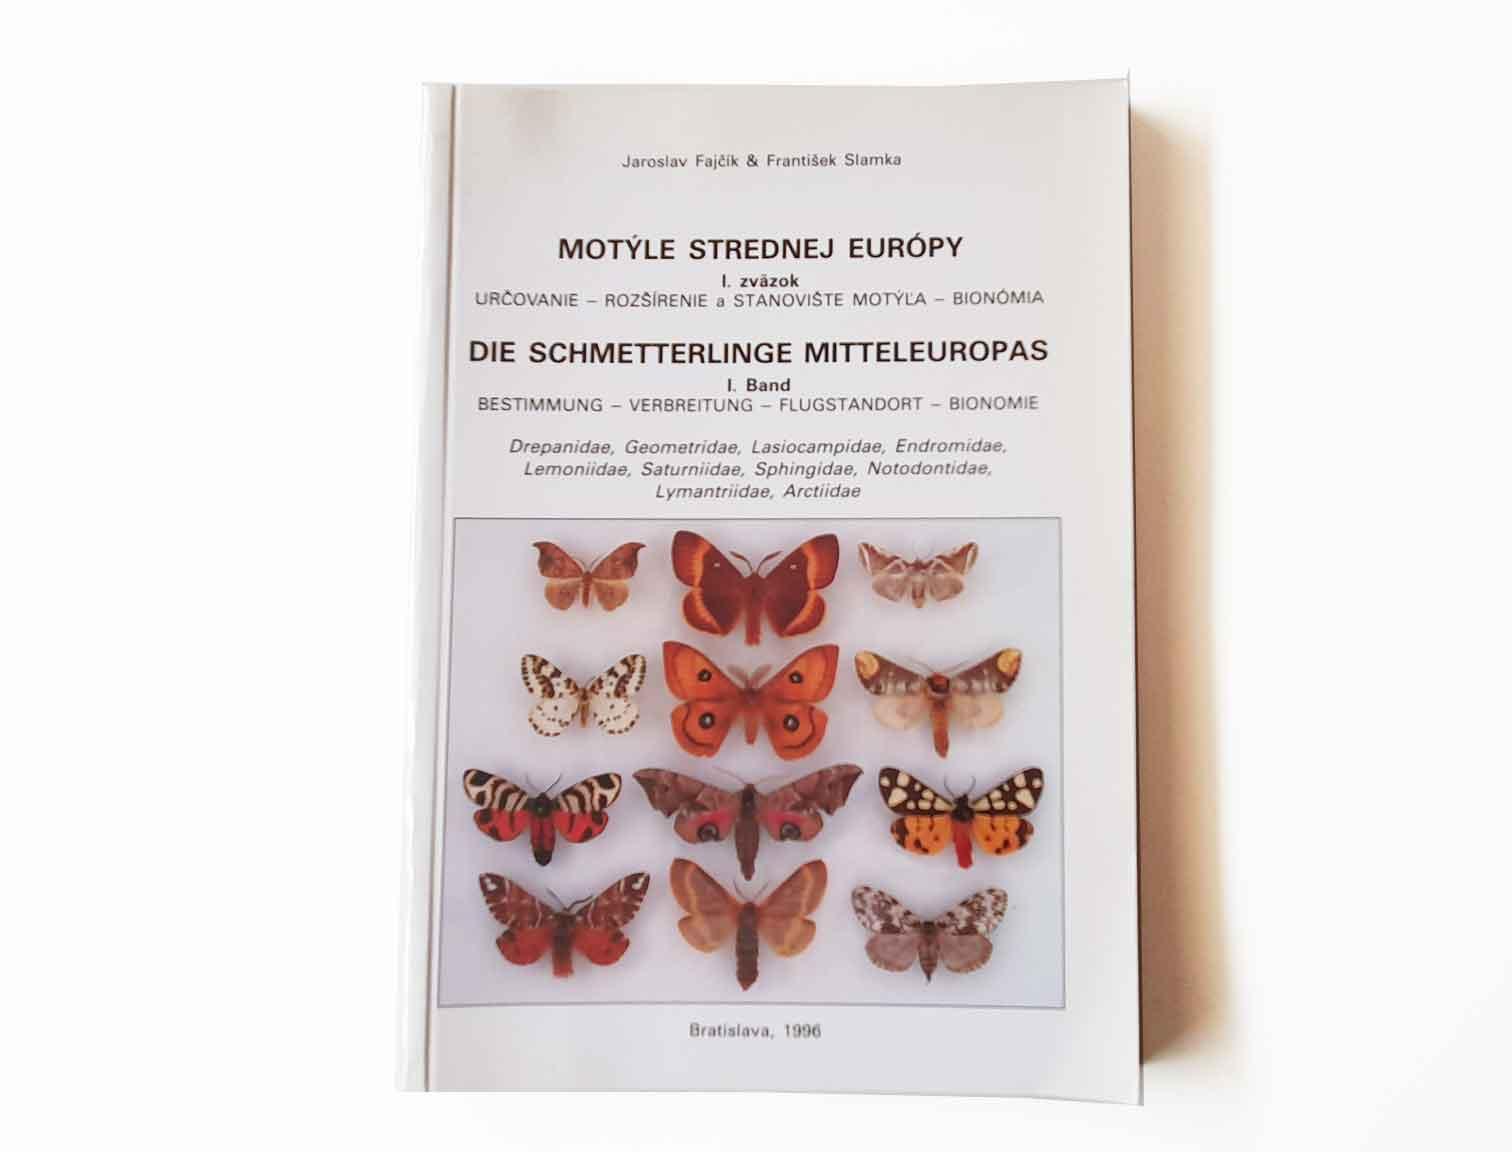 schmetterlinge-mitteleuropas-bd1